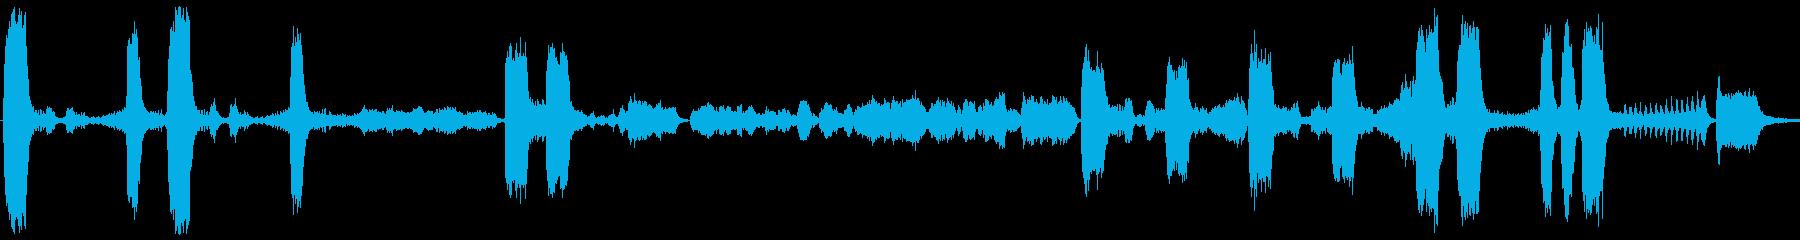 強弱激しいフルオーケストラ曲の再生済みの波形